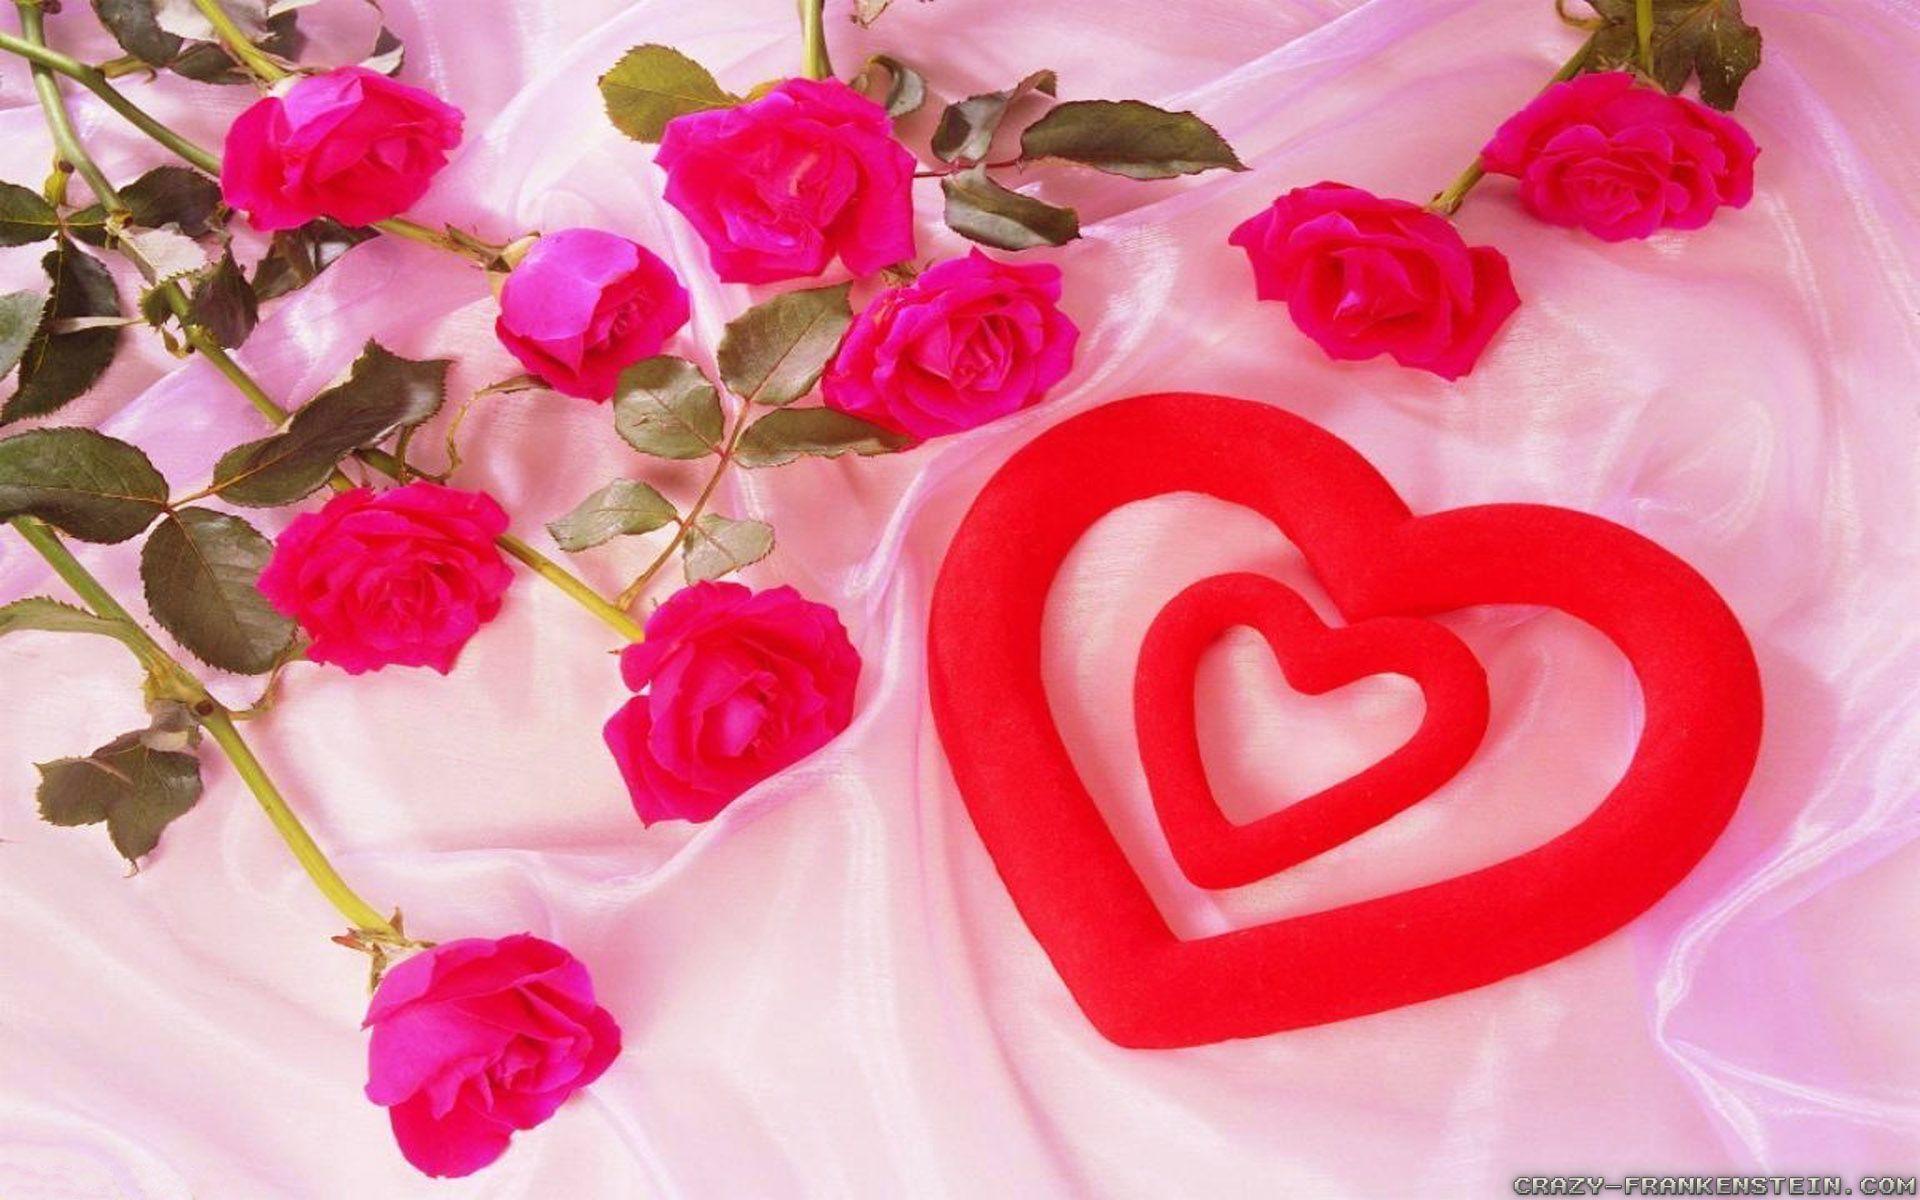 Best Wallpaper Love Flower - 470dbda2d52d486b9aa4a8a85f38a90d  2018_117.jpg